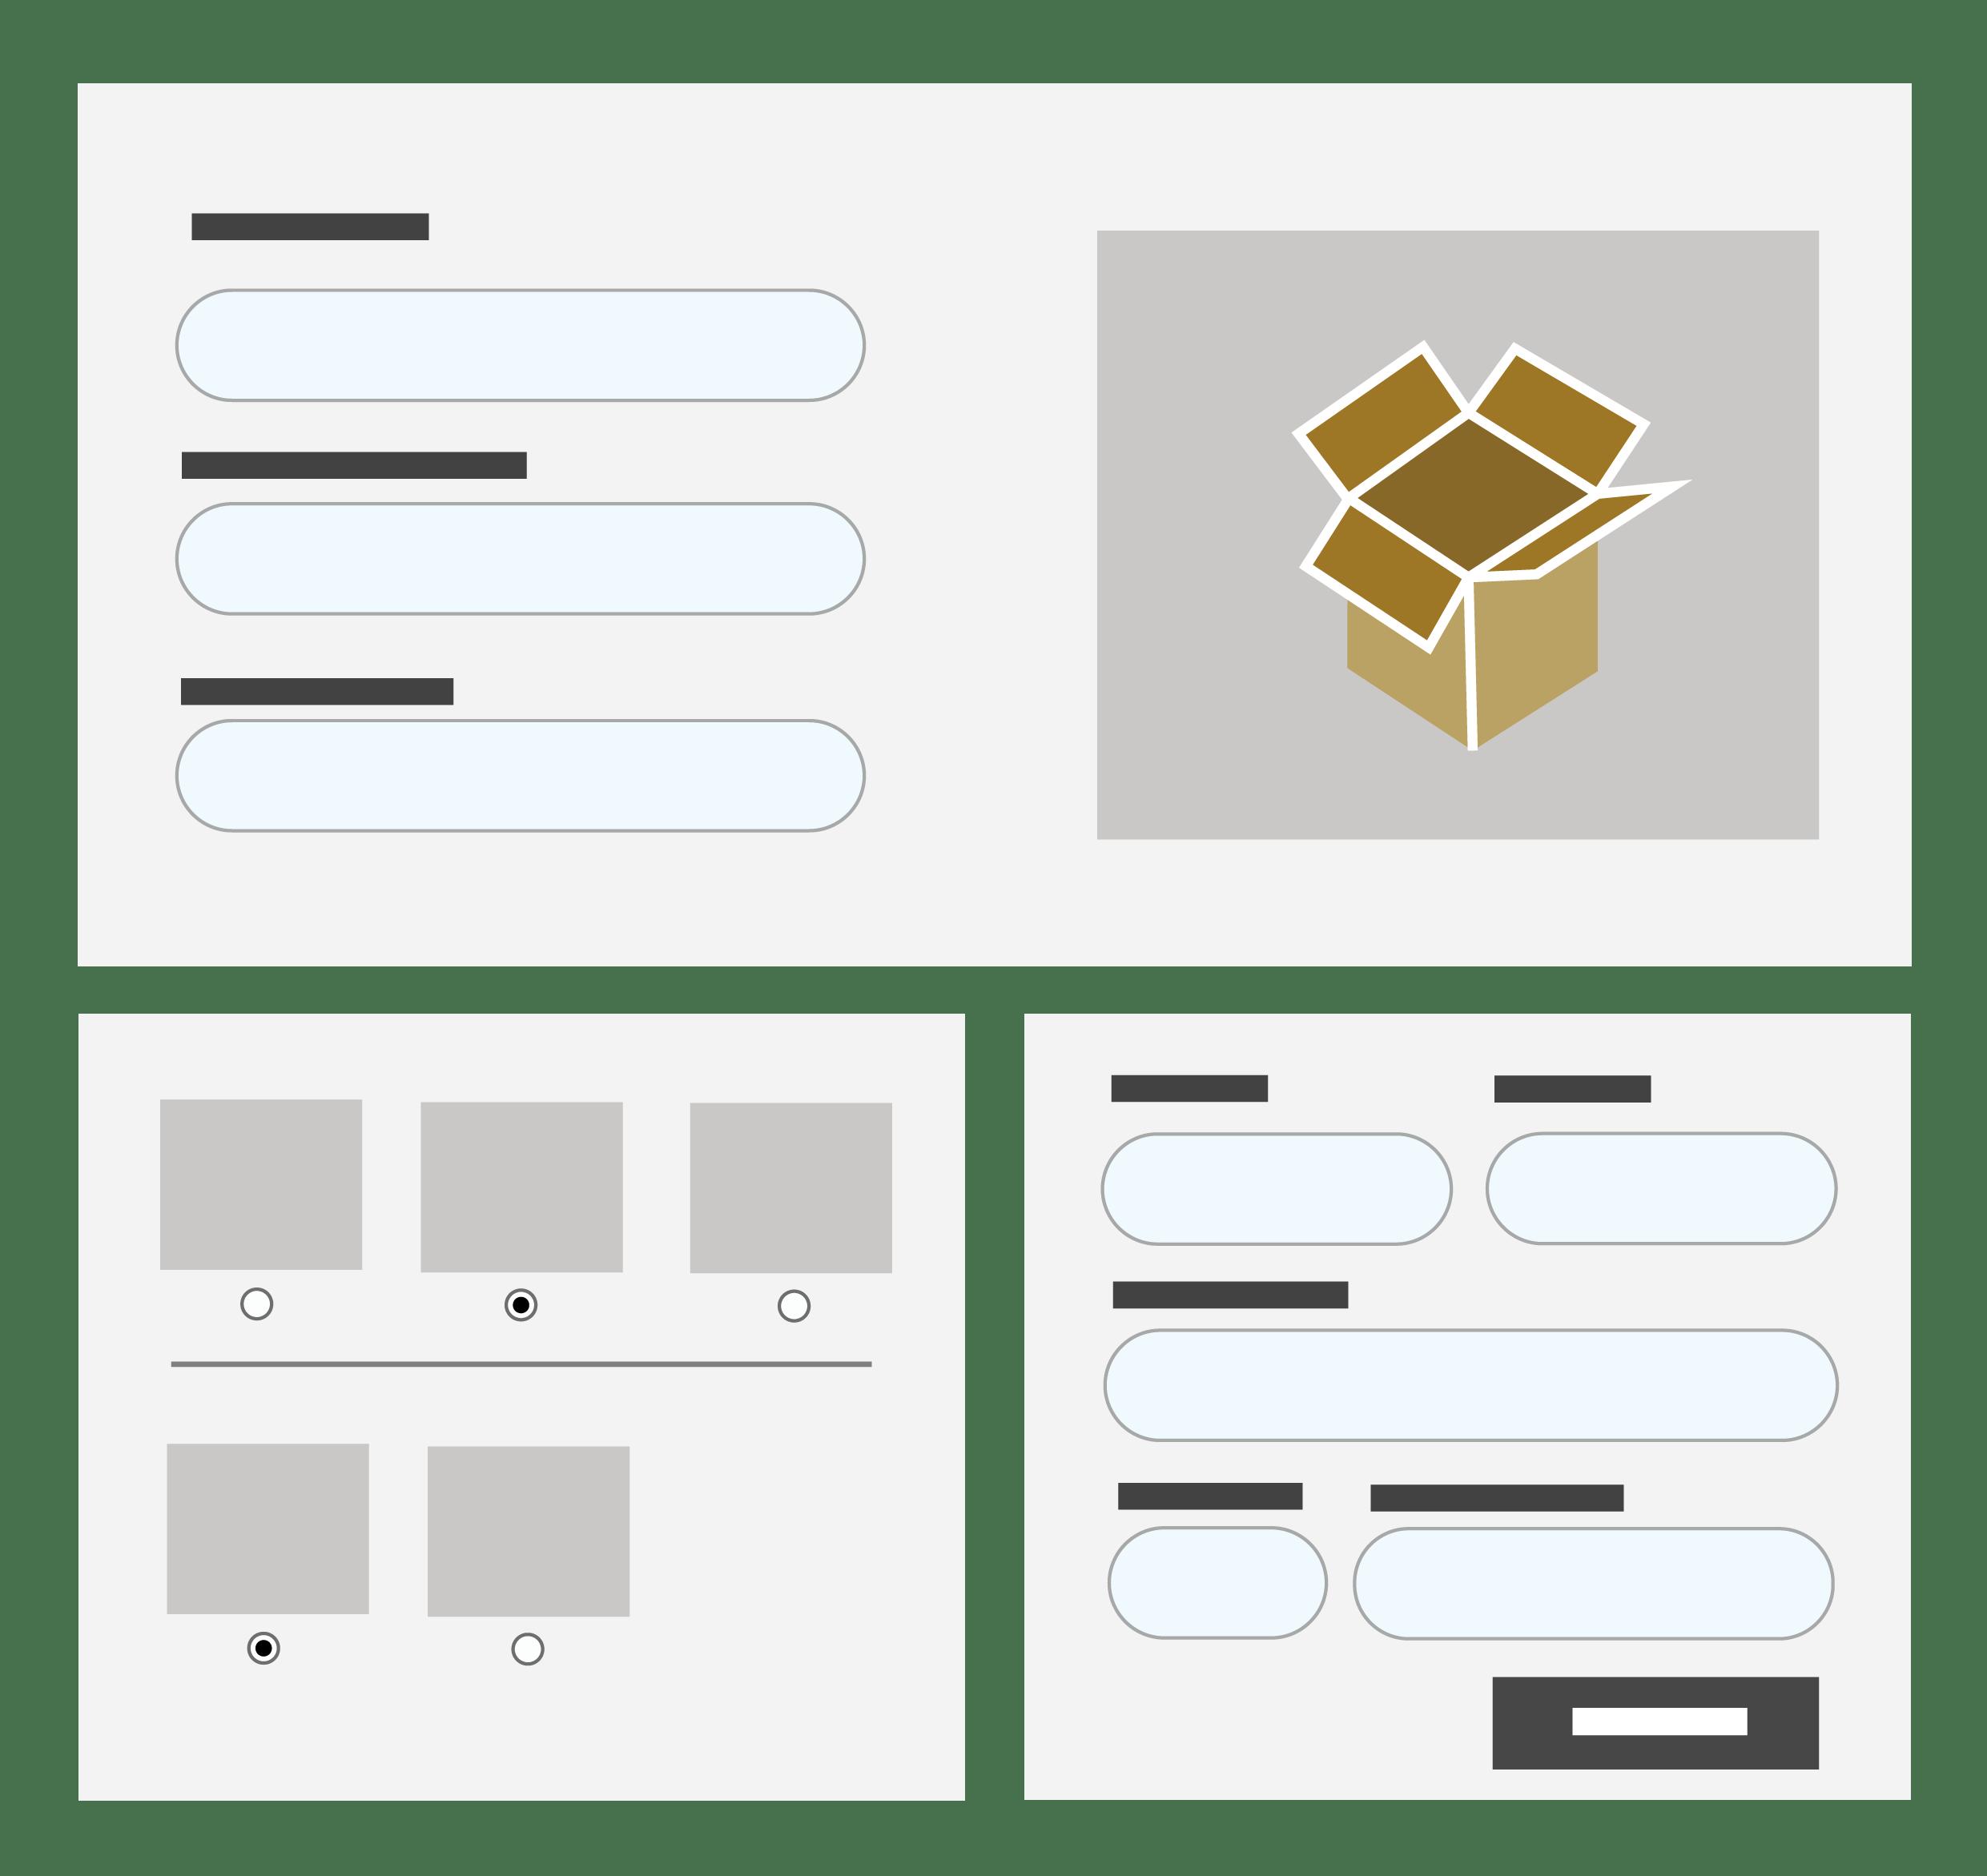 configurator-illustratie_tekengebied-1